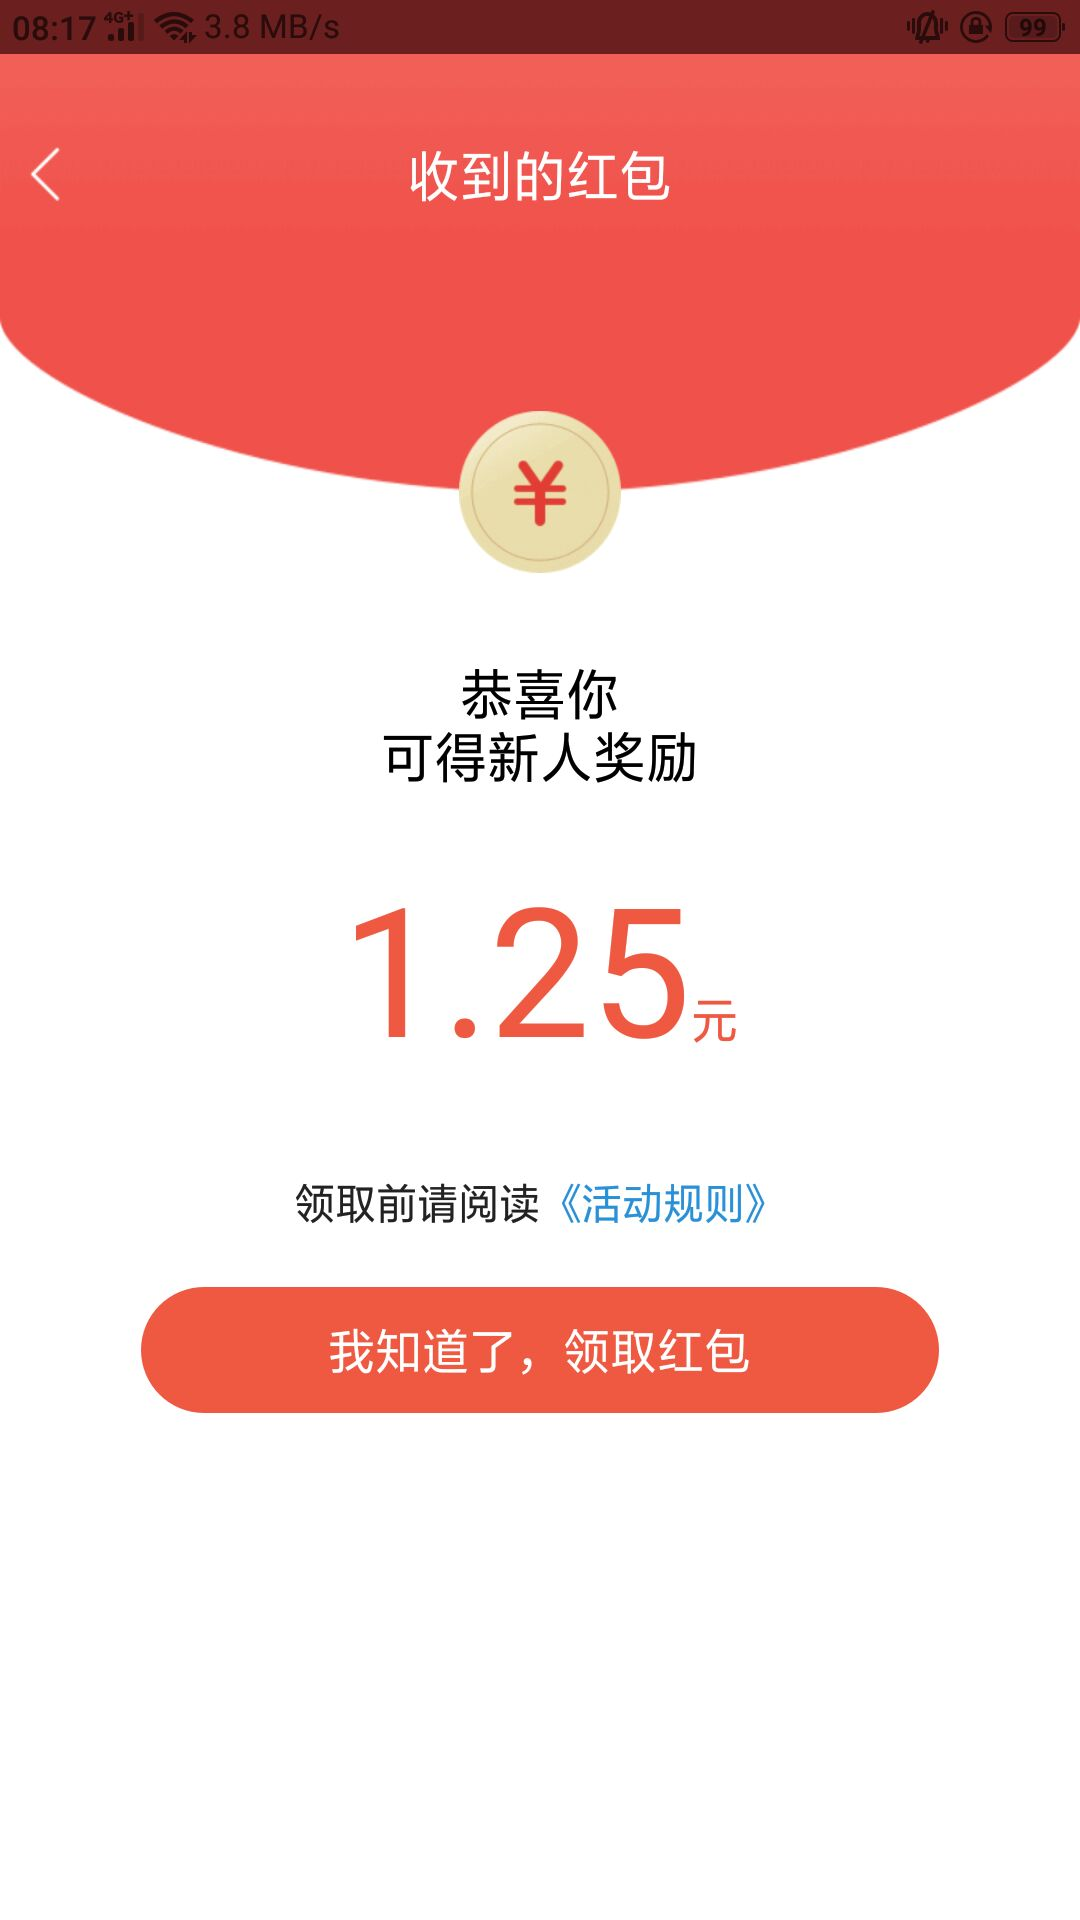 图片[2]-【现金红包】今日头条出新活动啦-飞享资源网